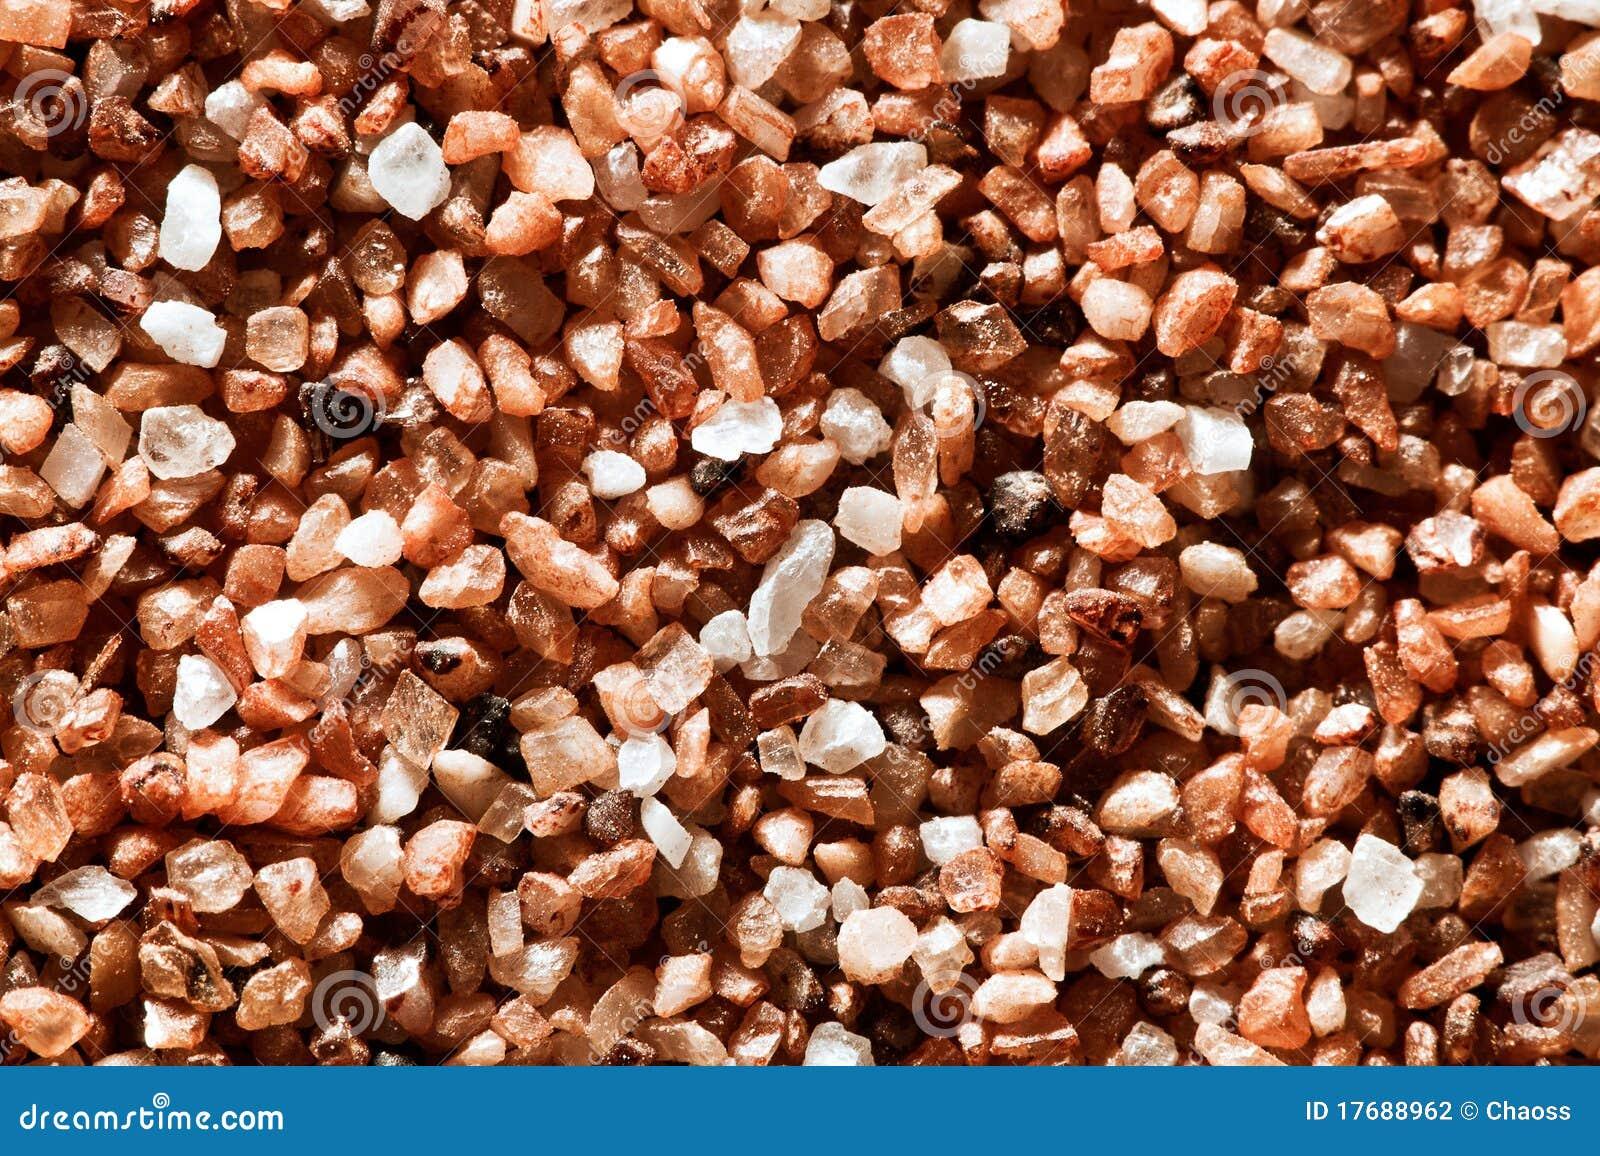 Піски крупним планом 4 фотография